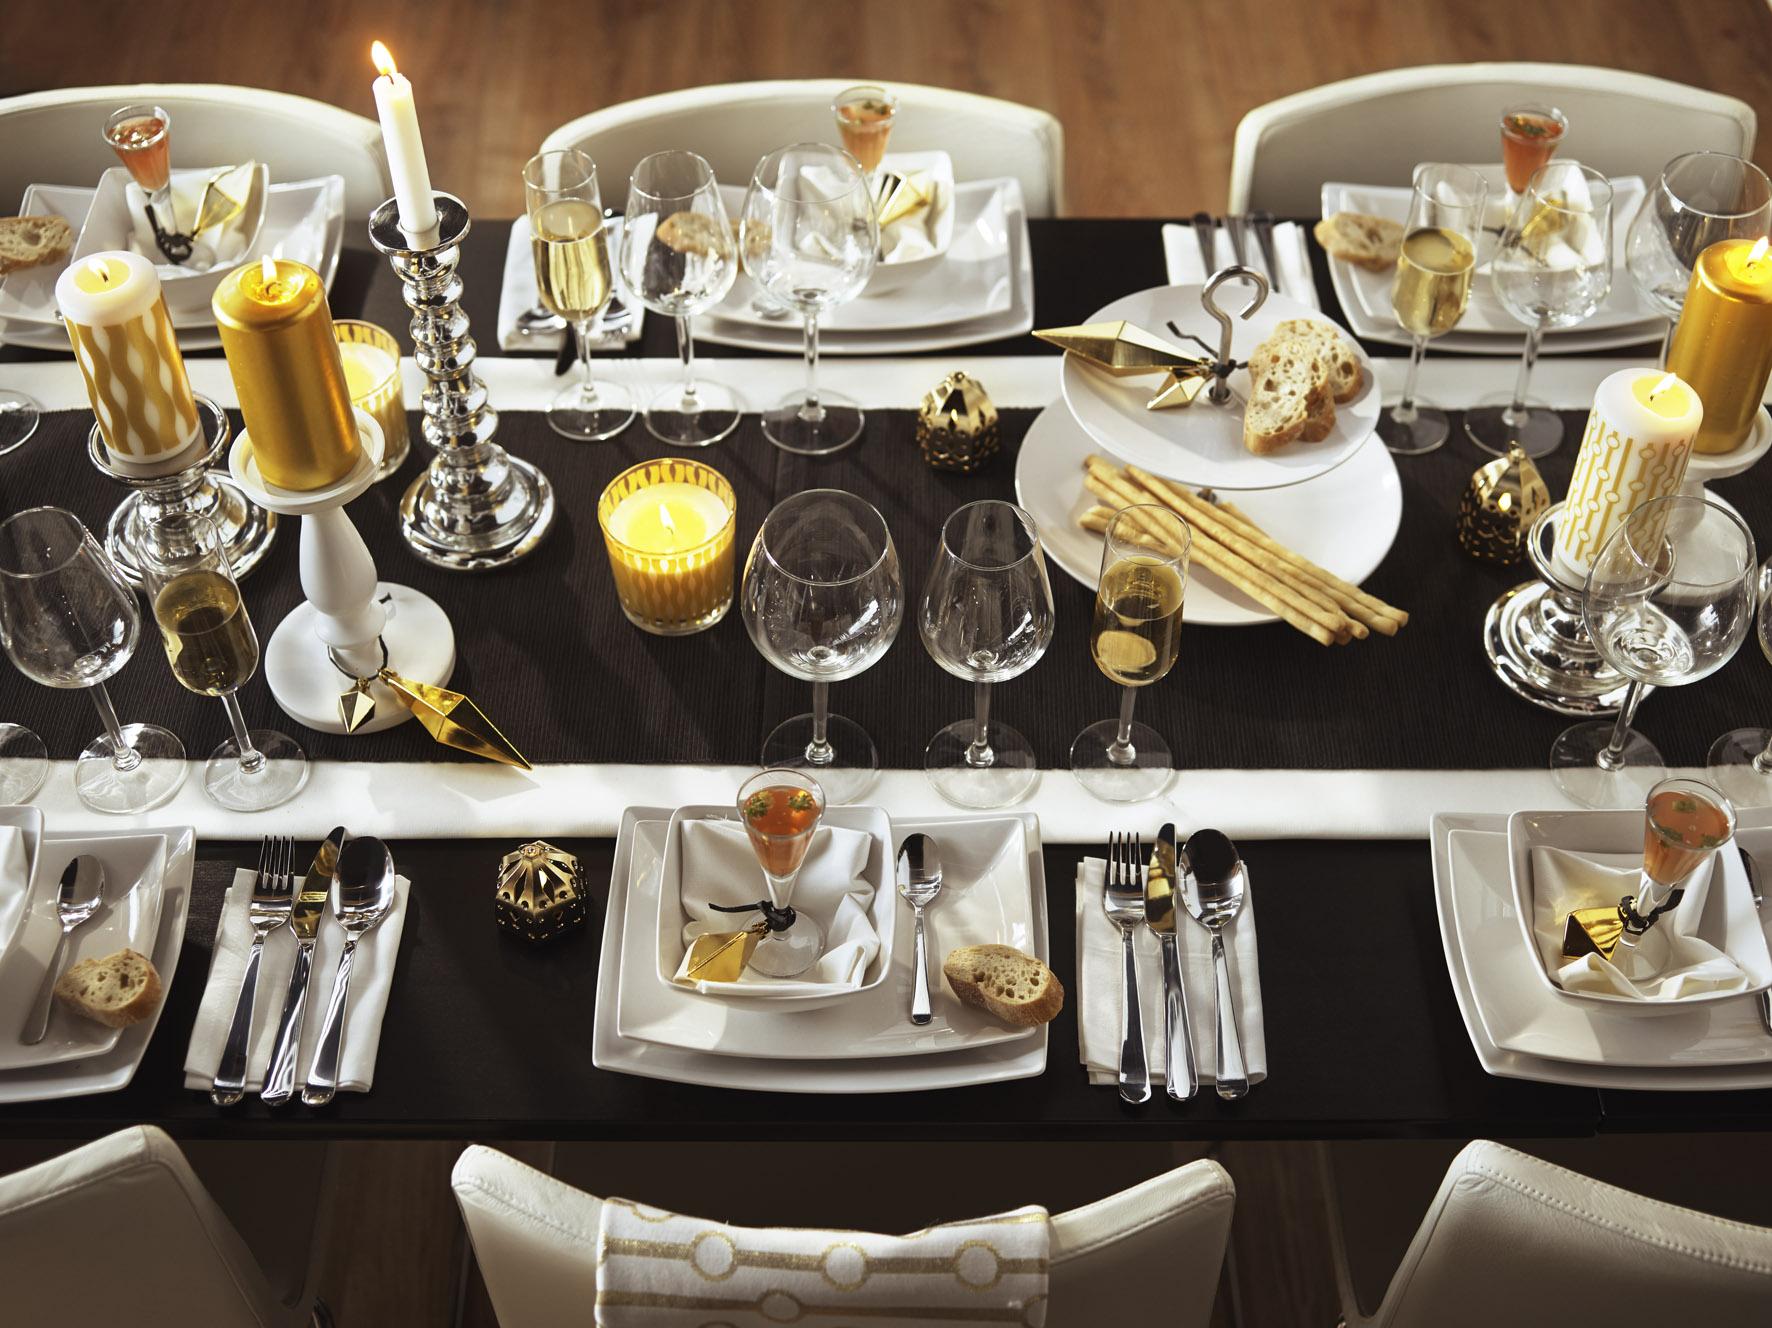 Stijlvol dineren met IKEA   Passievrouwen com   Lifestyle